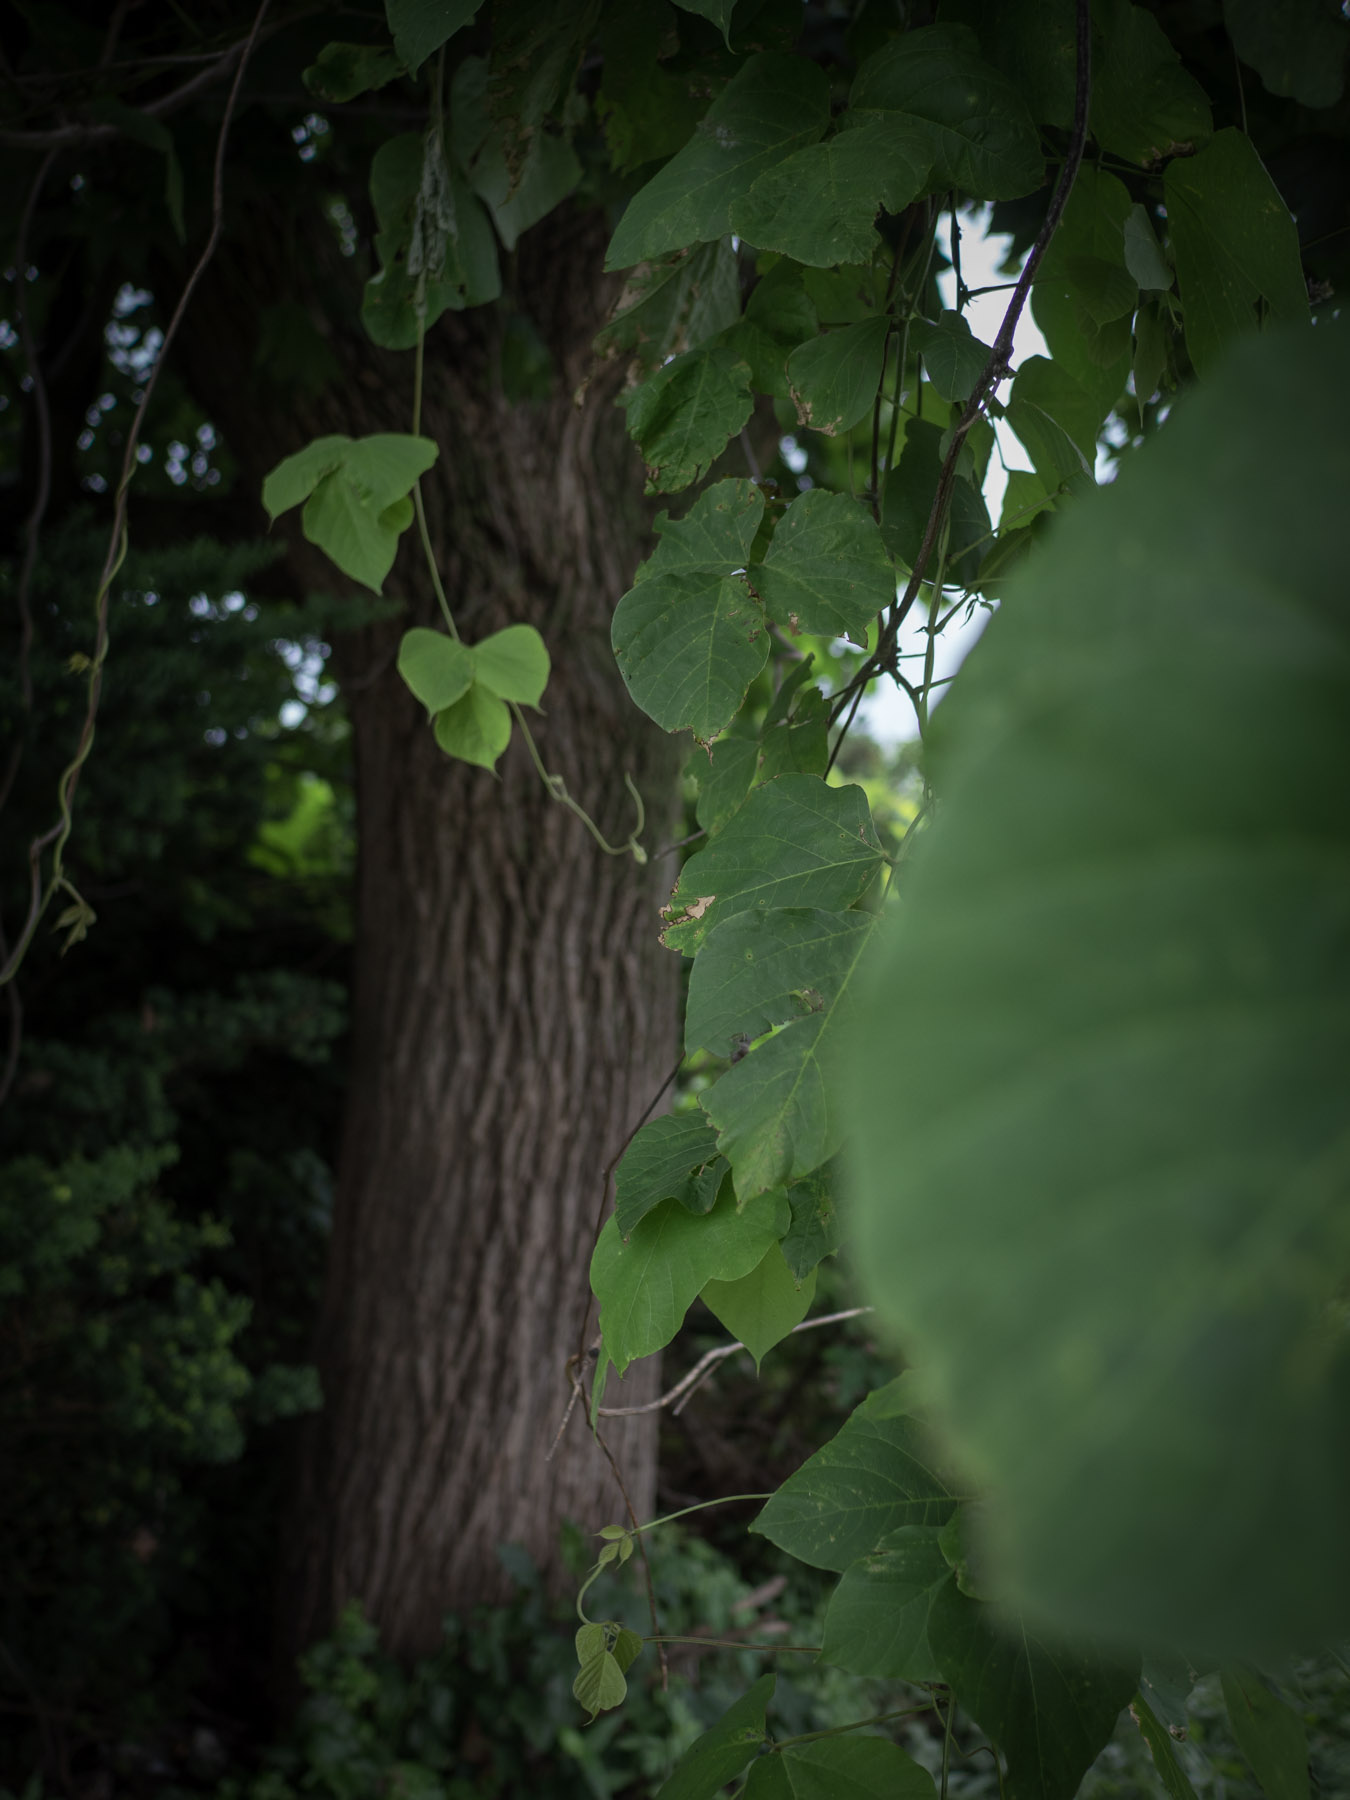 手前にボケた葉、真ん中にピントが合った葉、後ろにボケた樹皮